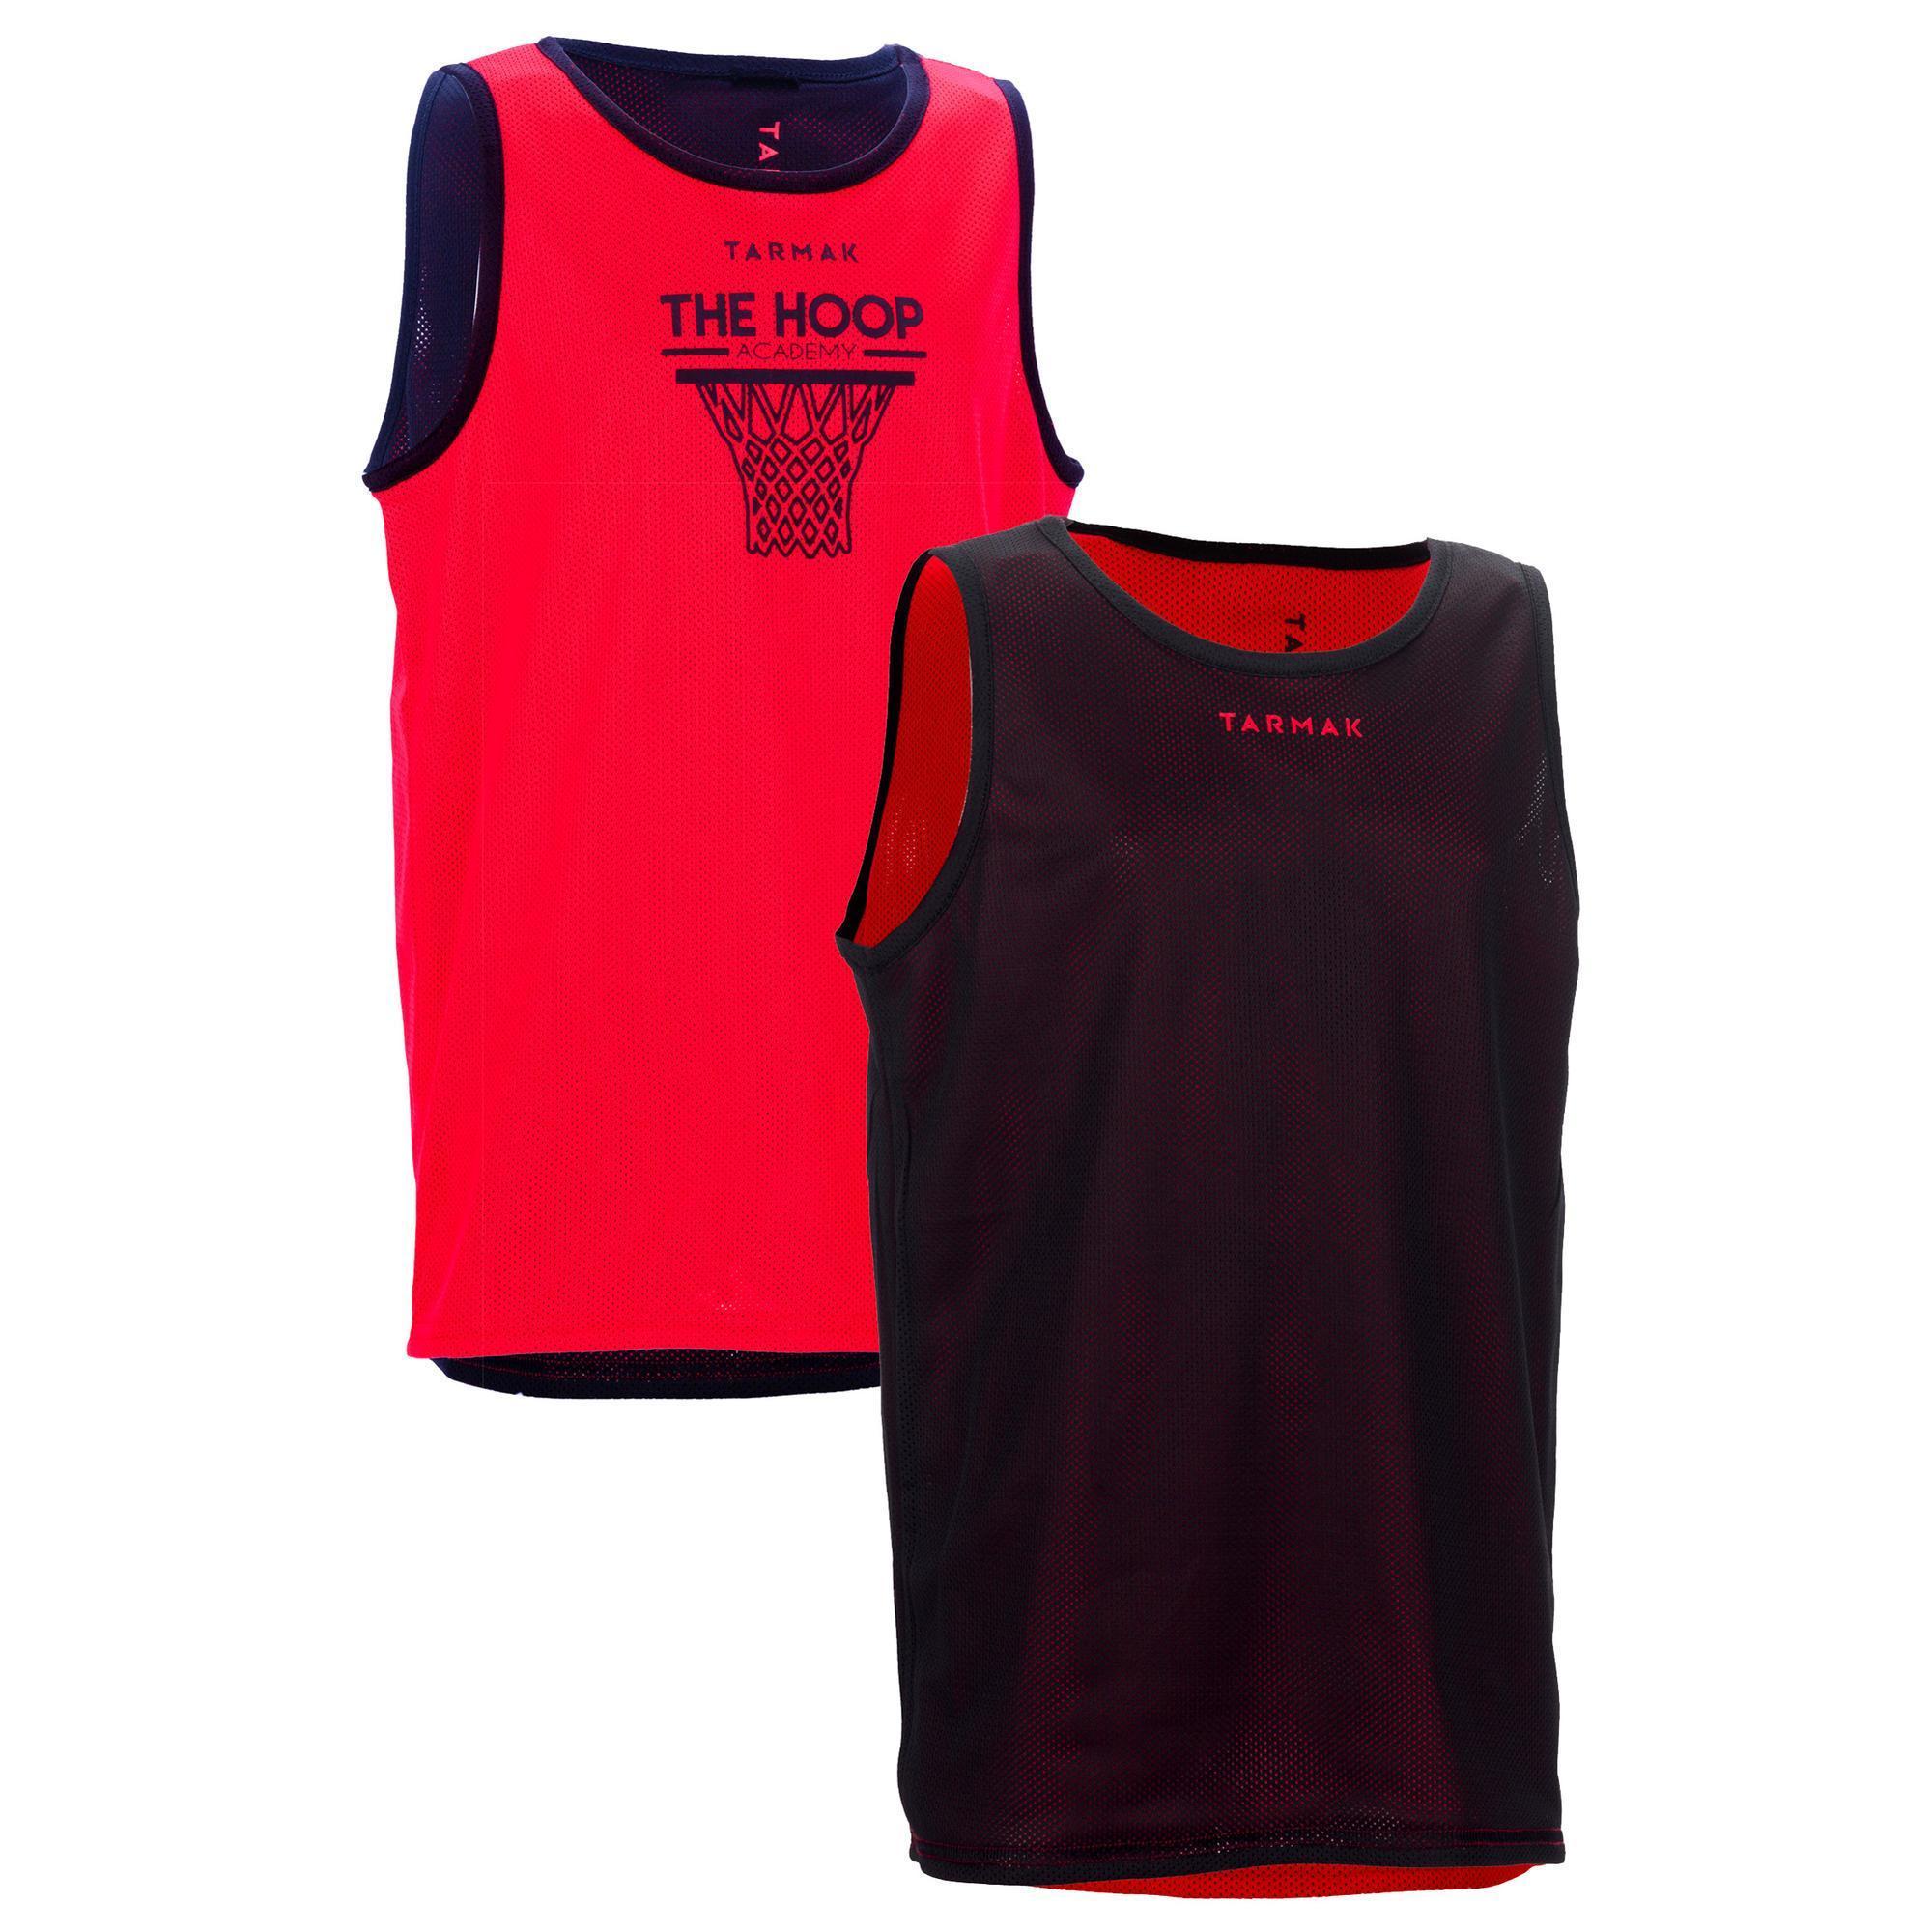 Jungen,Kinder,Mädchen,Kinder Basketballtrikot Wendetrikot Tank-Top Hoop Jungen Mädchen rot schwarz   03583788179627